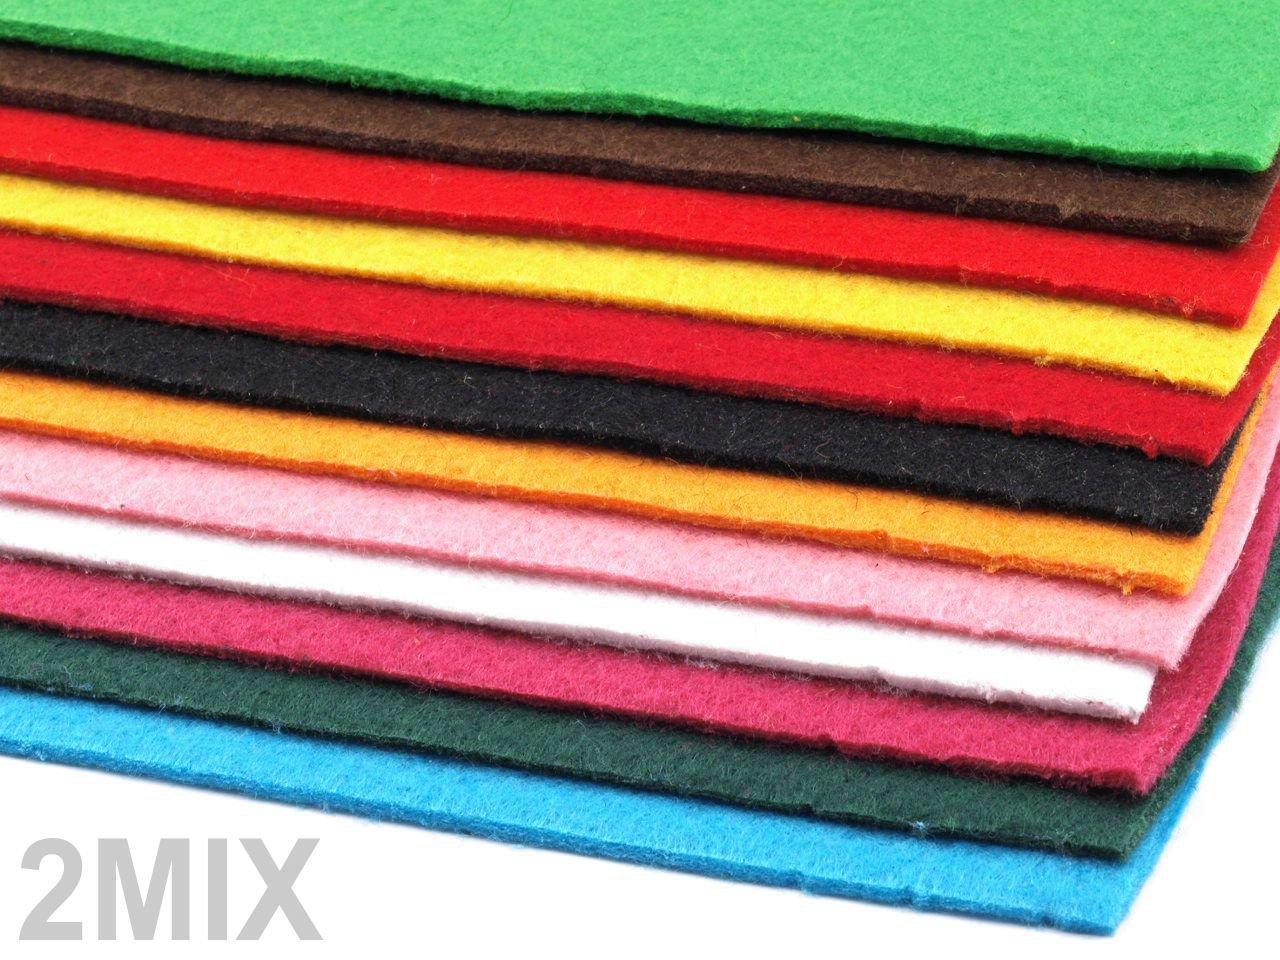 Dekorativer Bastelfilz 20x30cm DIN A4 , Stärke 2-3mm – 12 Bögen farbig sortiert – 3 vers. Sets wählbar (2MIX) jetzt kaufen